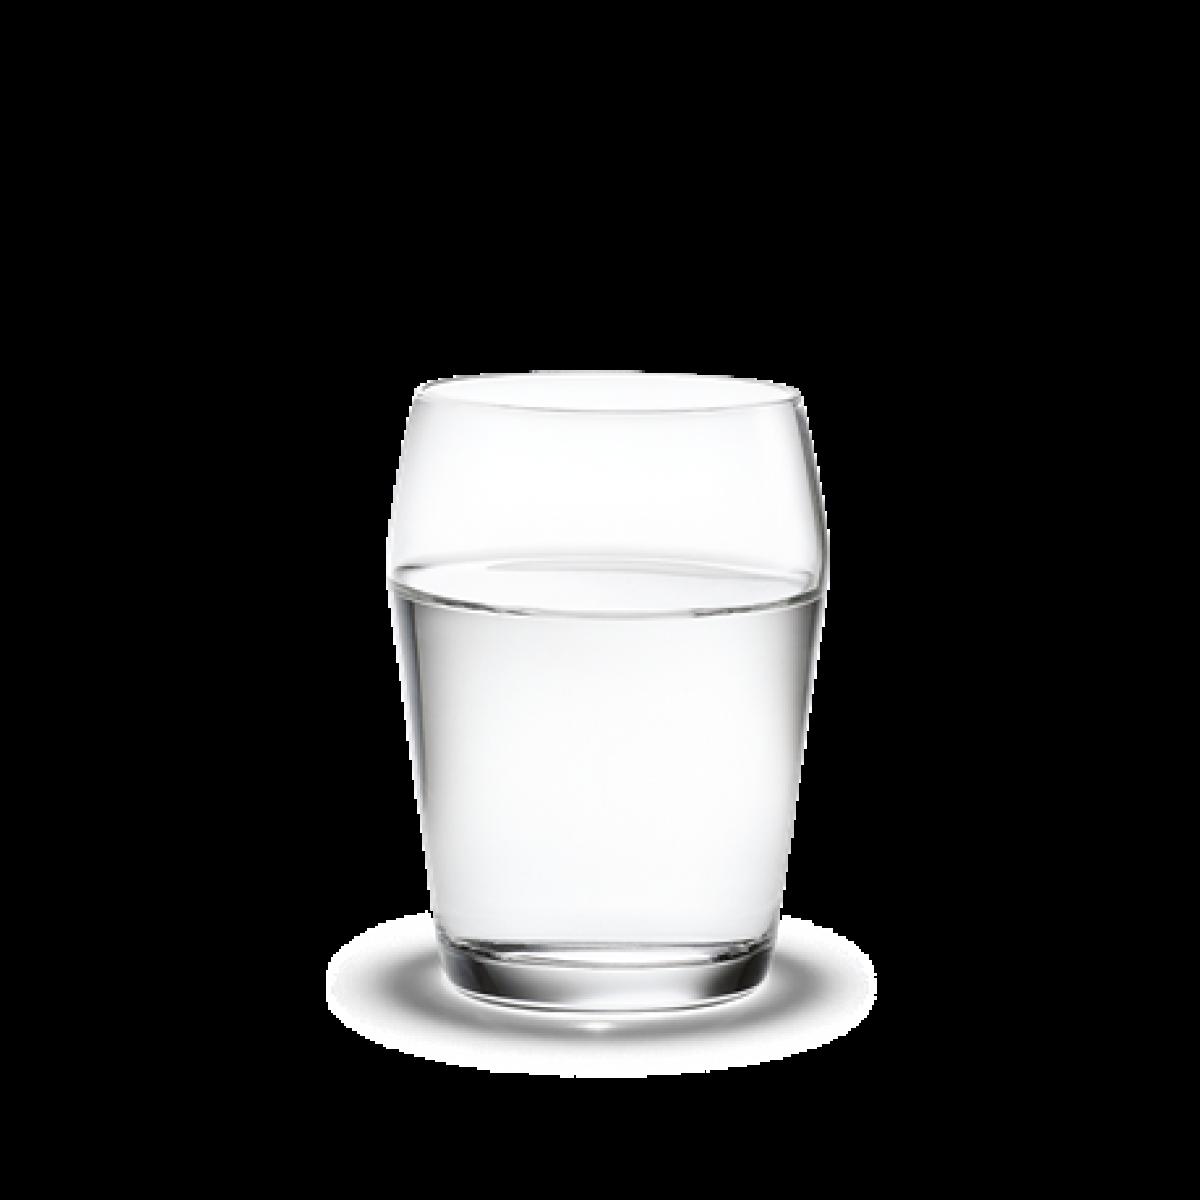 HOLMEGAARD Perfection vandglas 6 stk. 23 cl.